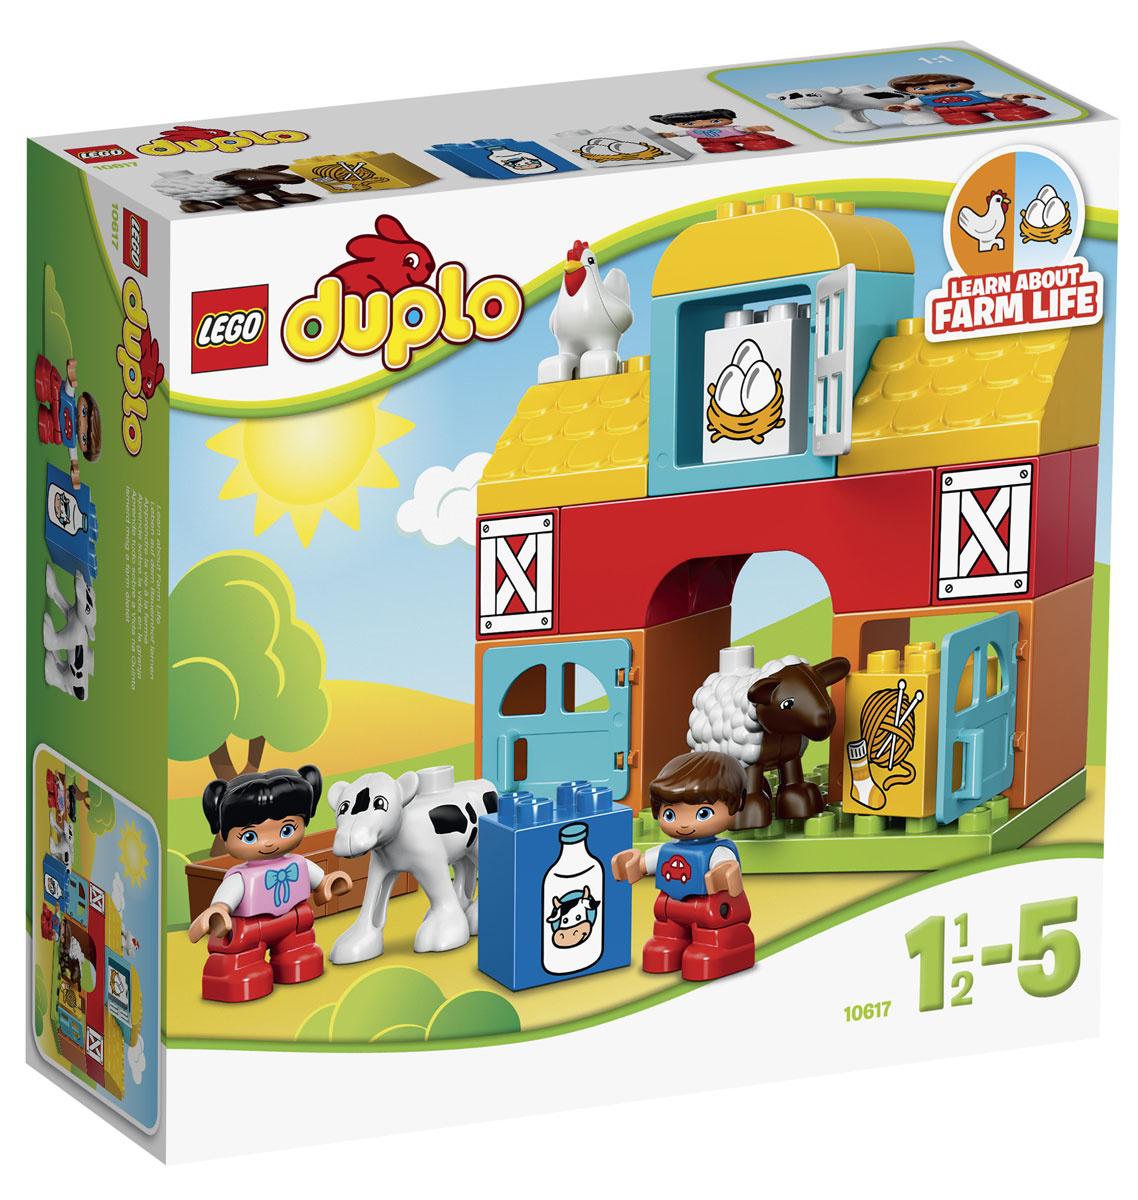 LEGO DUPLO 10617 Моя первая ферма Конструктор #1